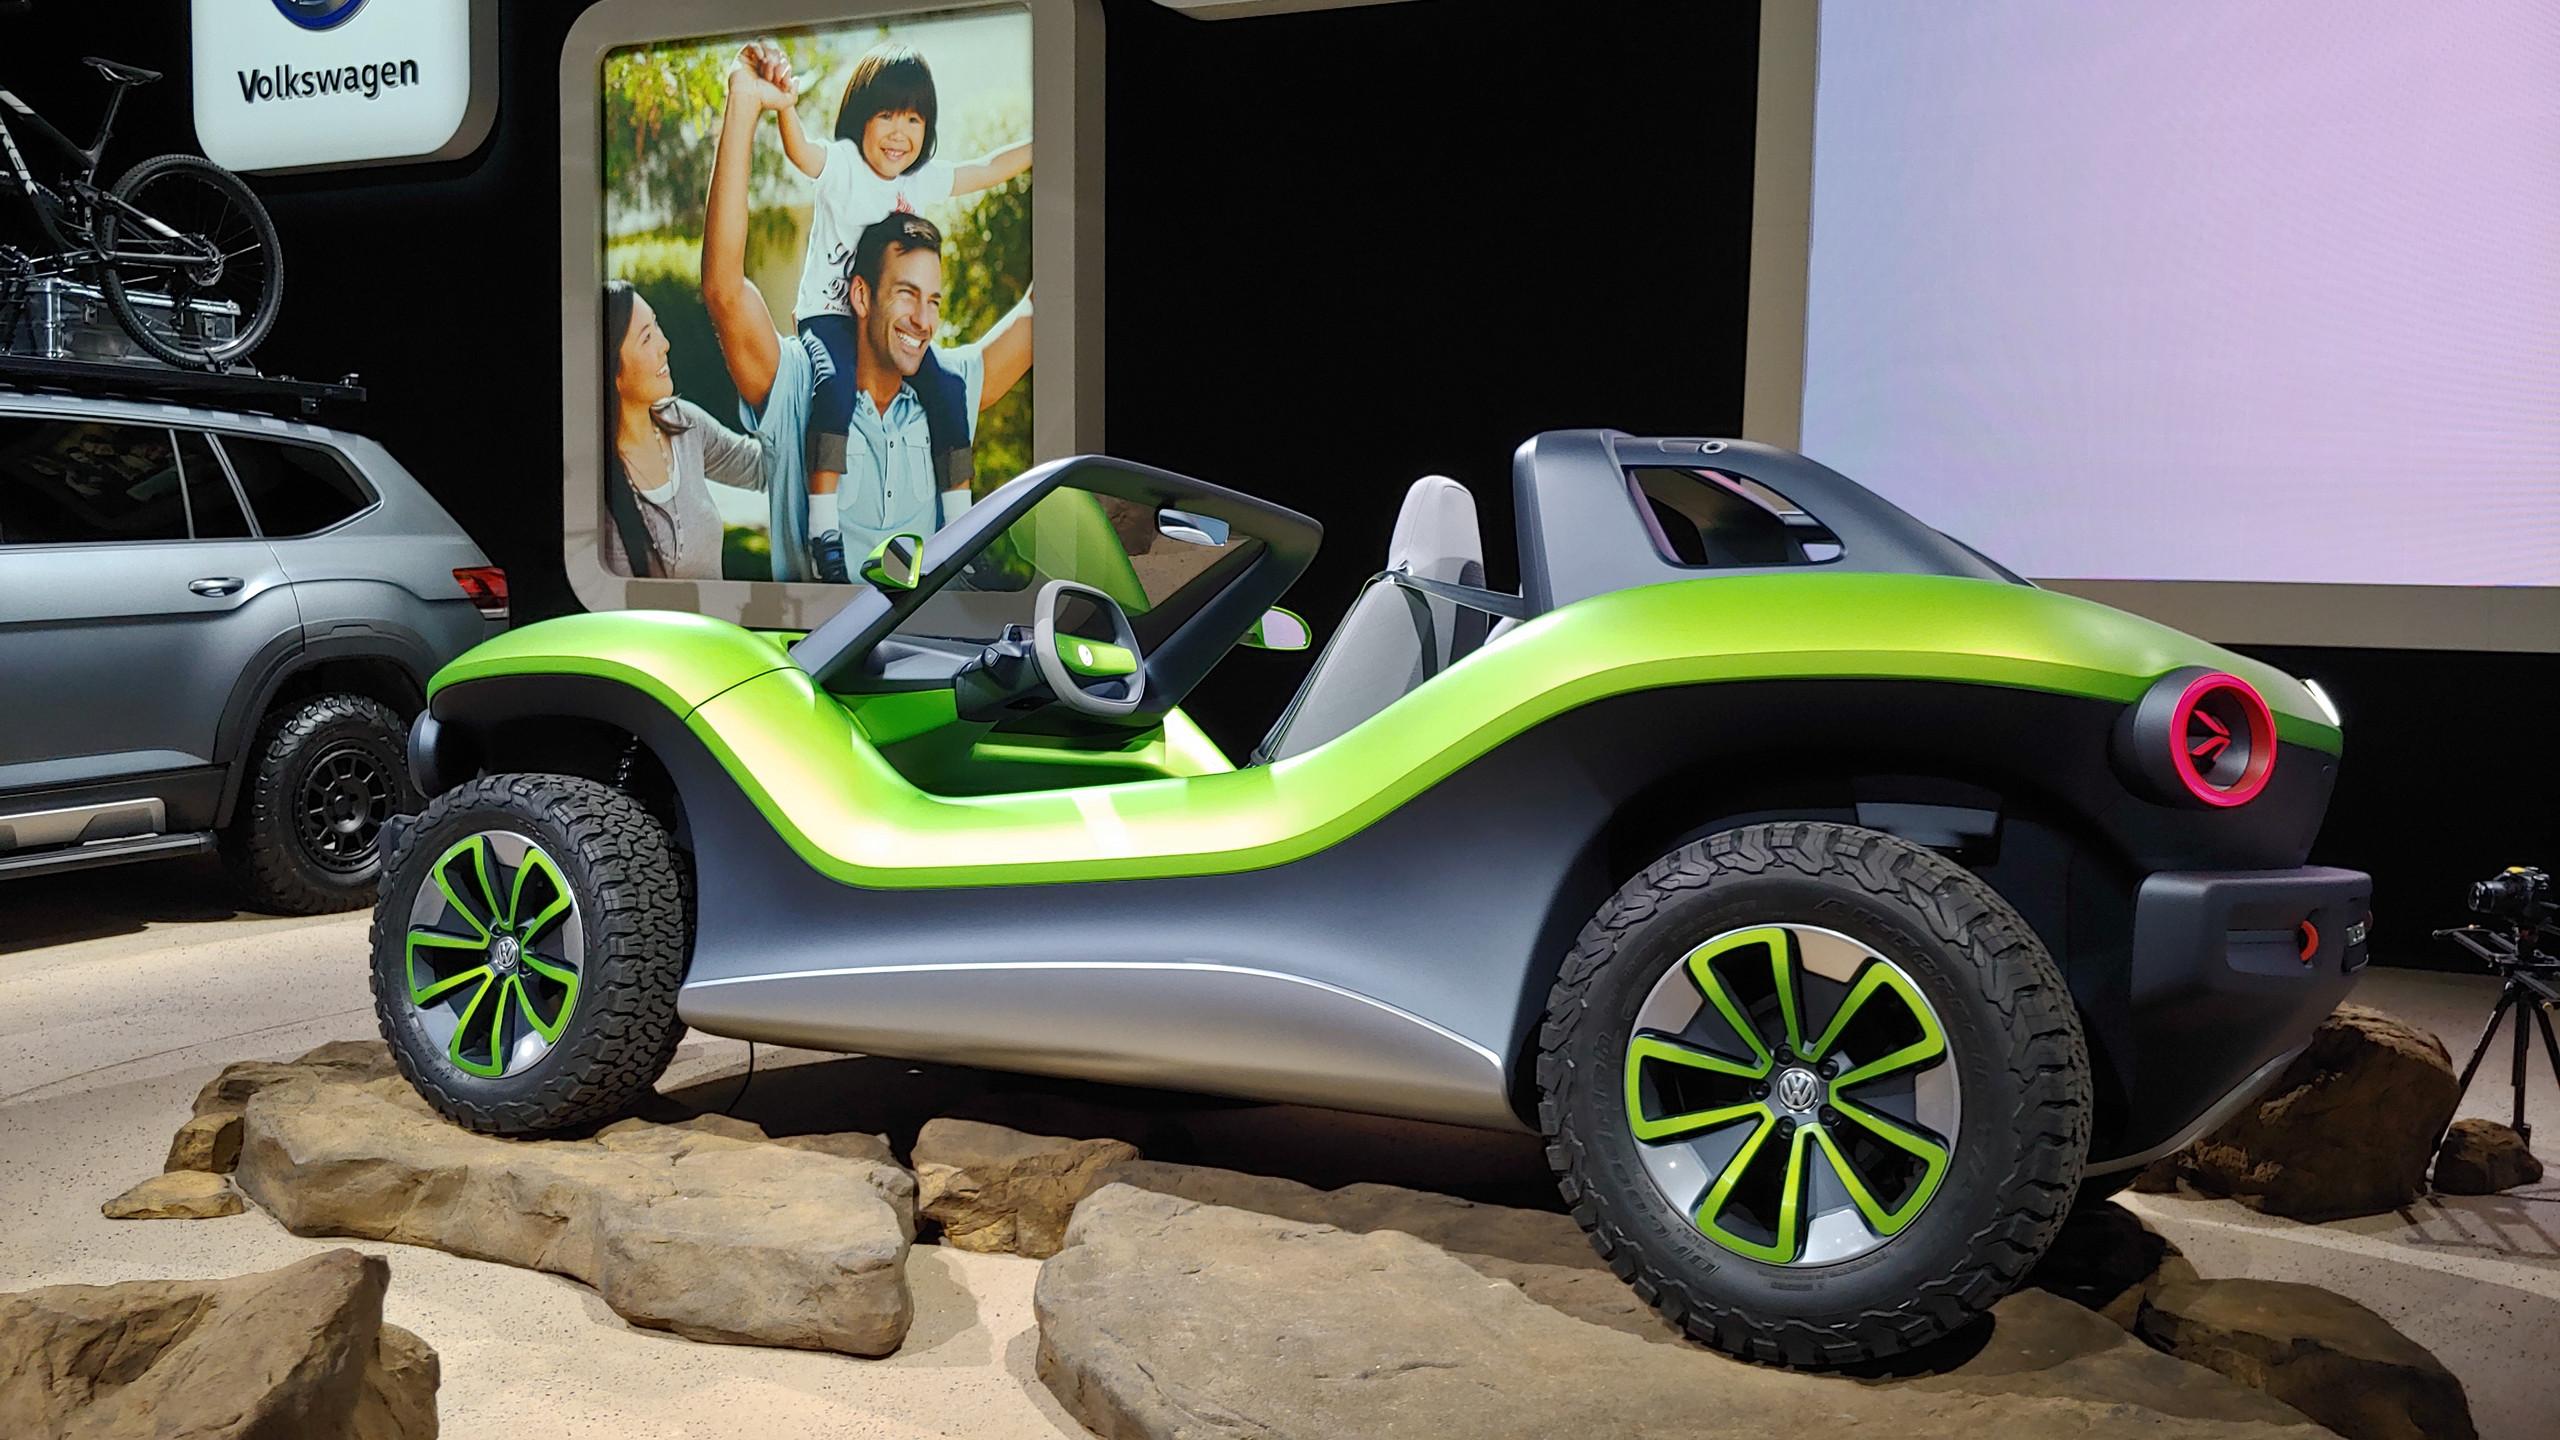 Volkswagen ID Buggy concept car